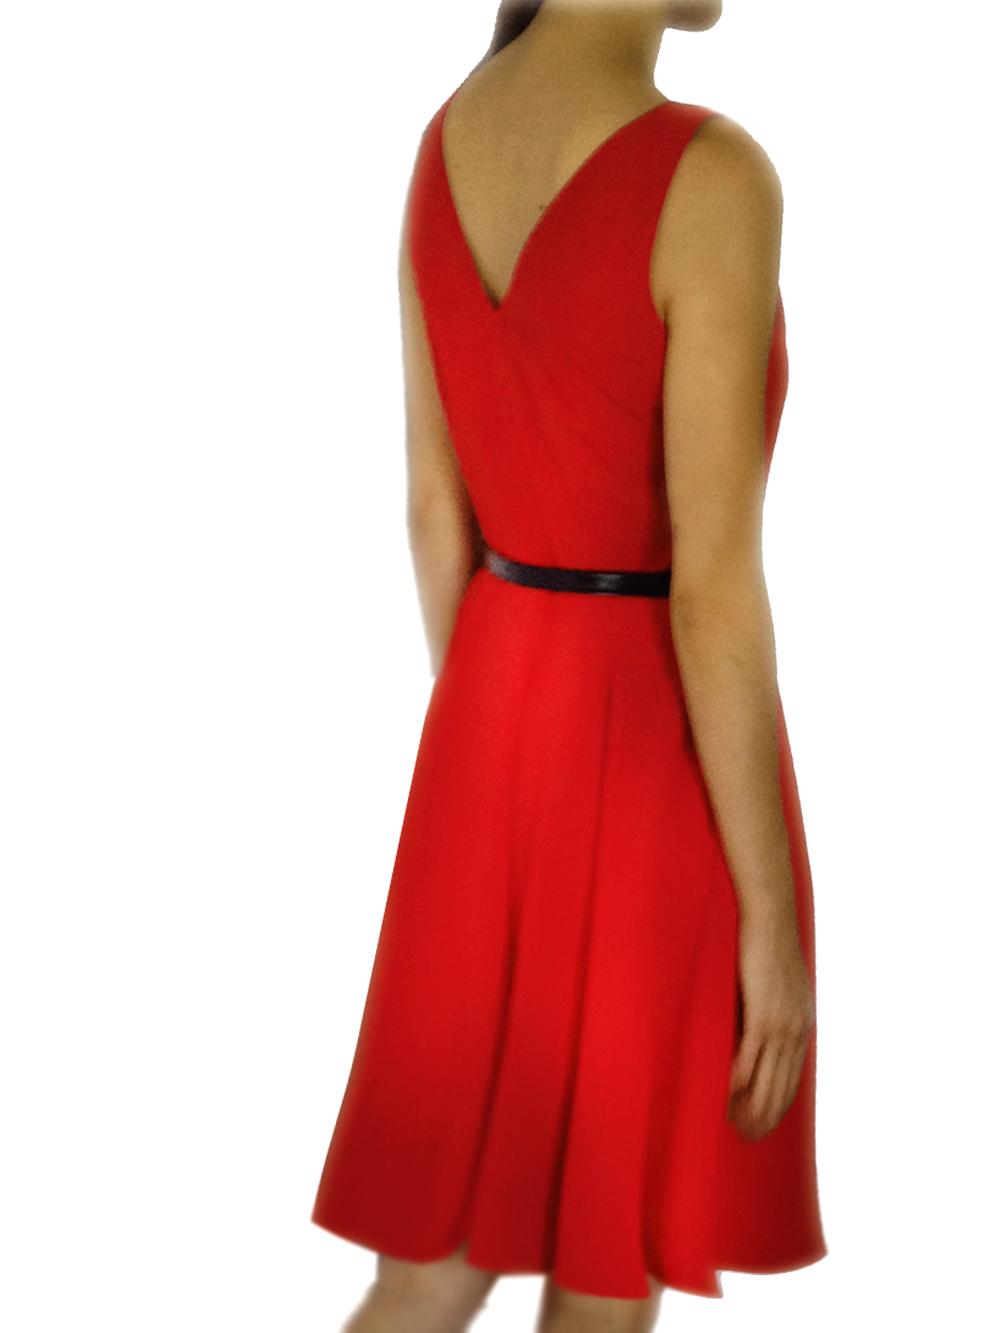 8c972f4b76a26 Ürün Adı: Kloş Elbise Kalıbı K-7090